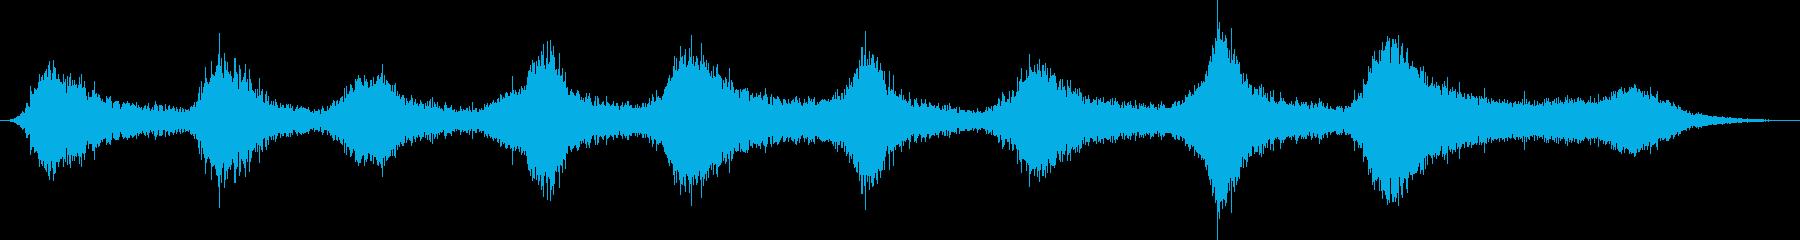 ピアノ:コンスタントヘビーストリン...の再生済みの波形